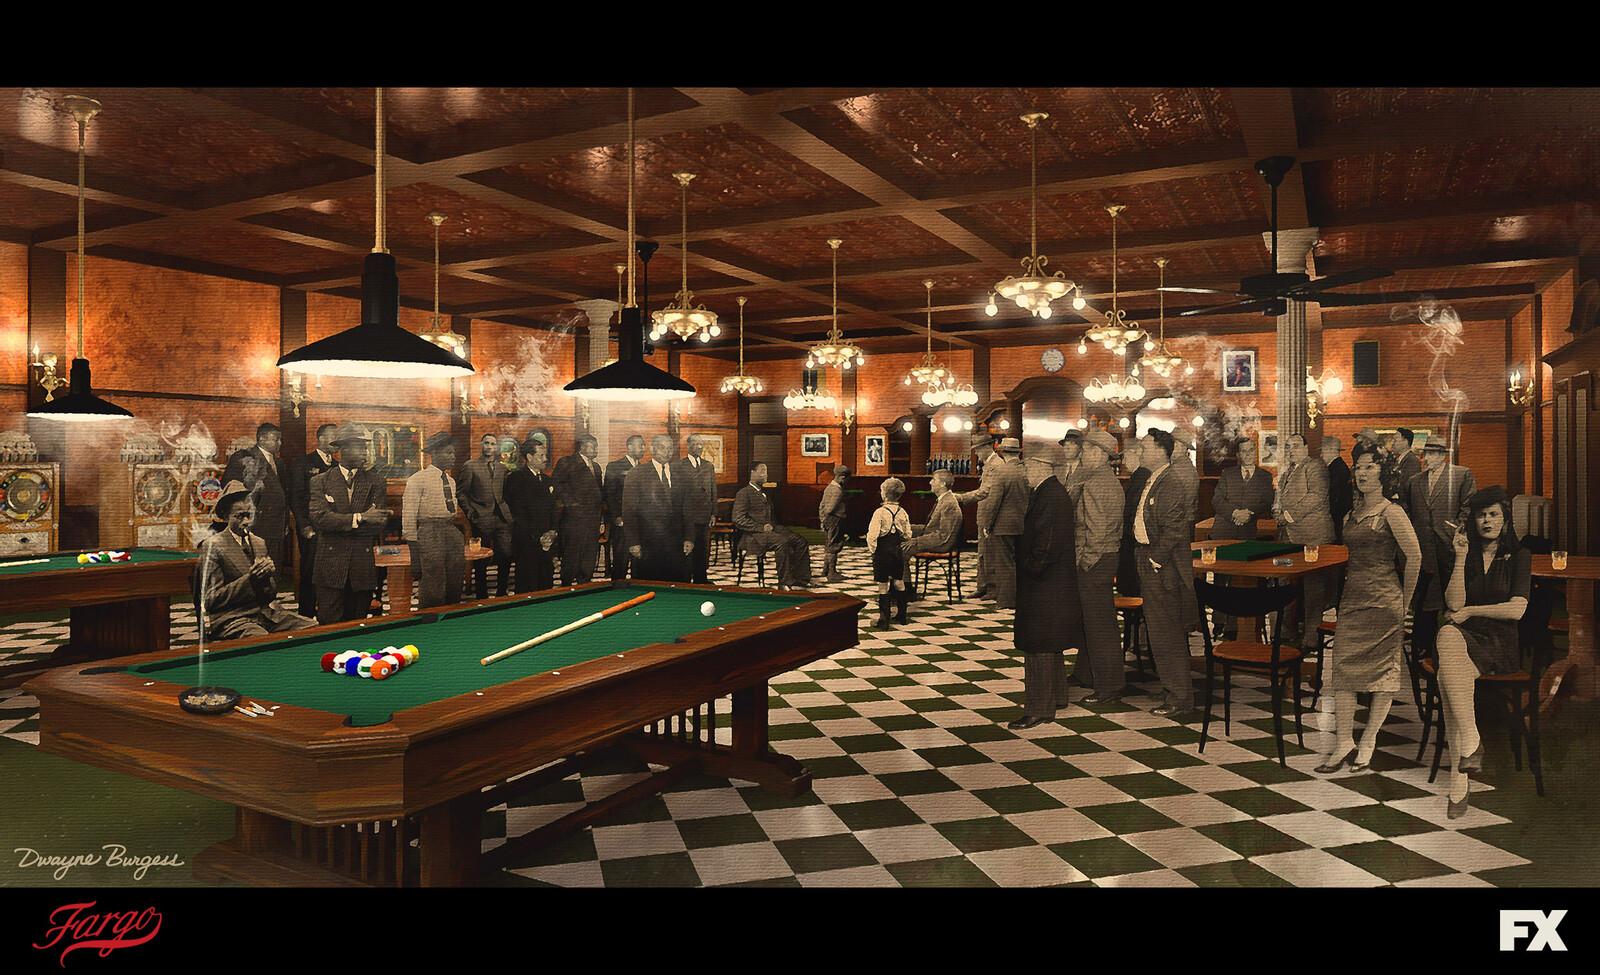 Fargo Season 4 - Jackson Democratic Club Interiors